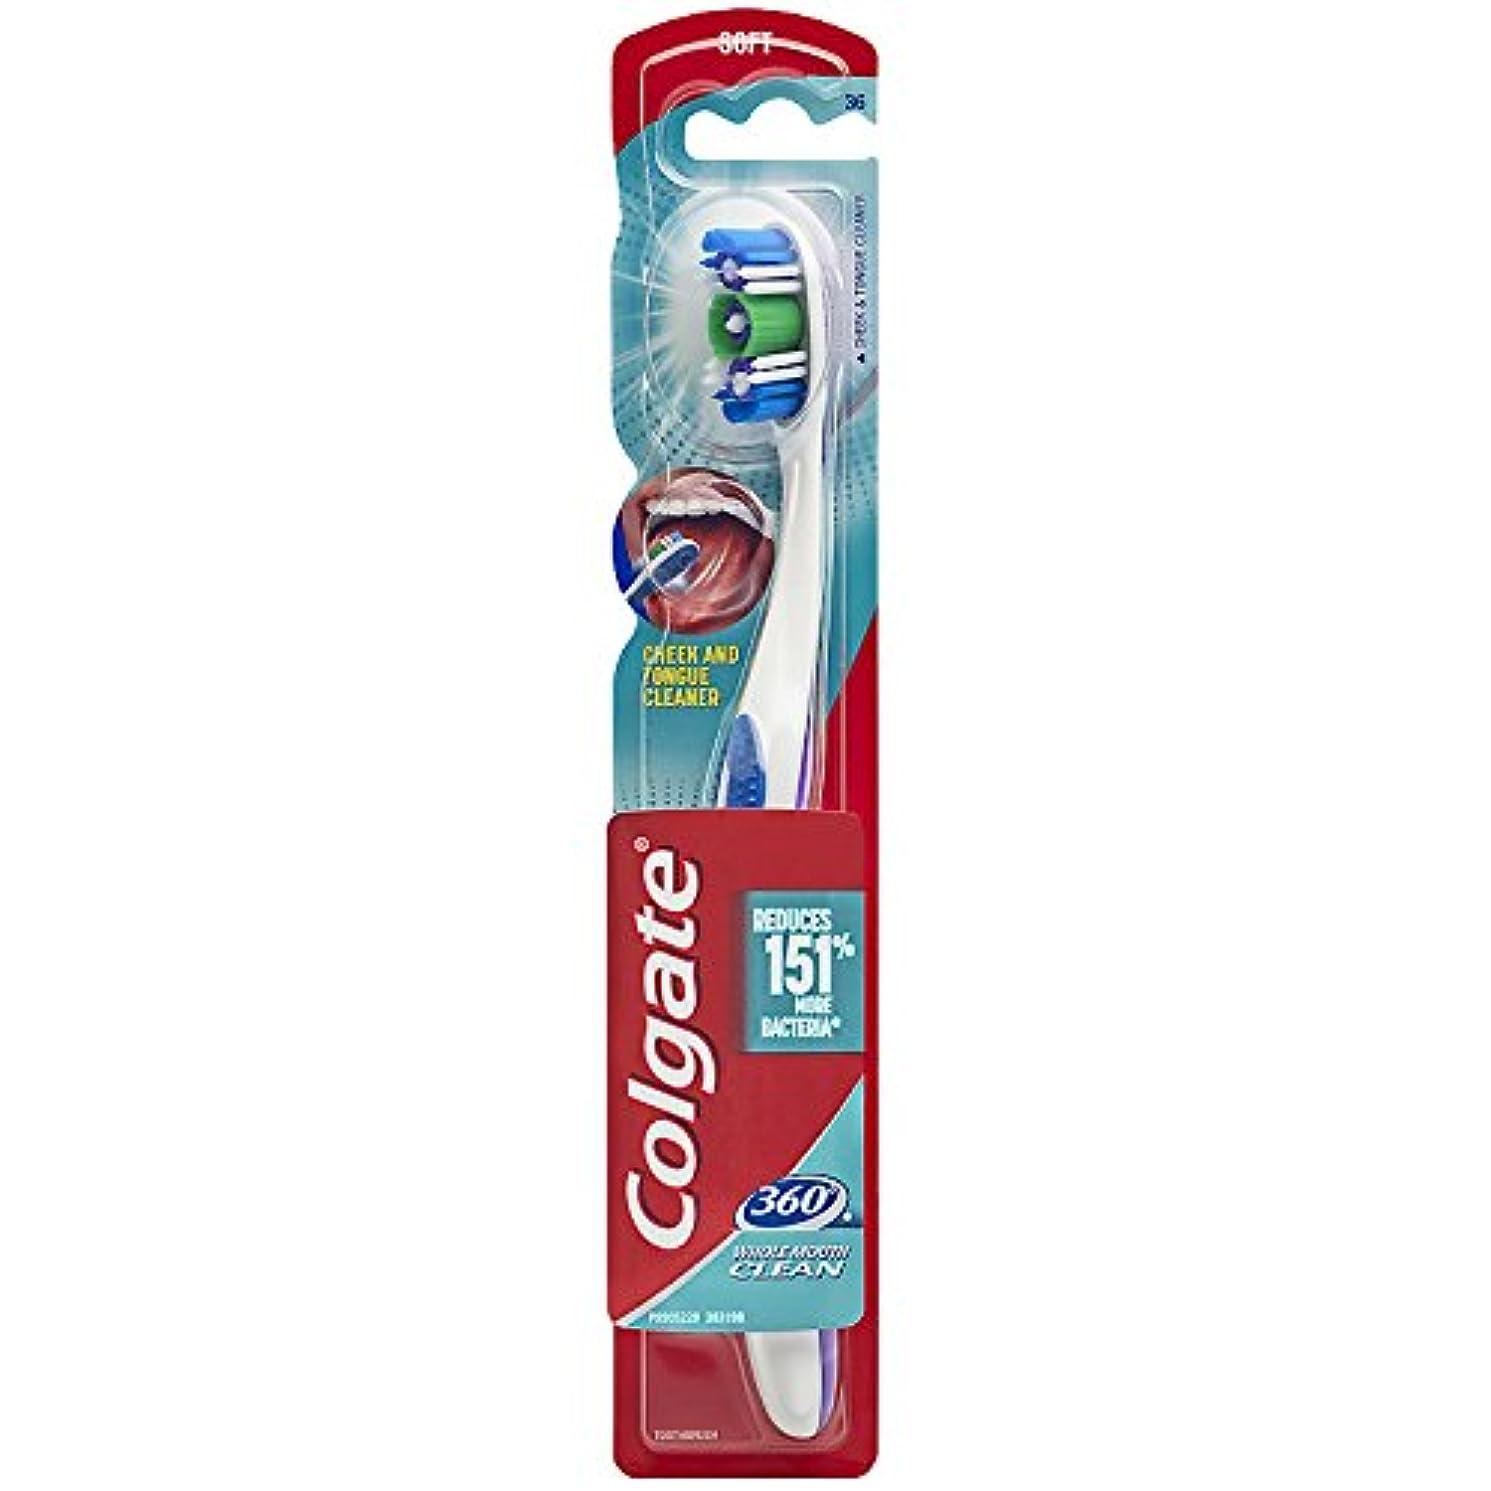 振動するゼリーColgate 舌と頬クリーナーで360歯ブラシ - ソフト(1パック)